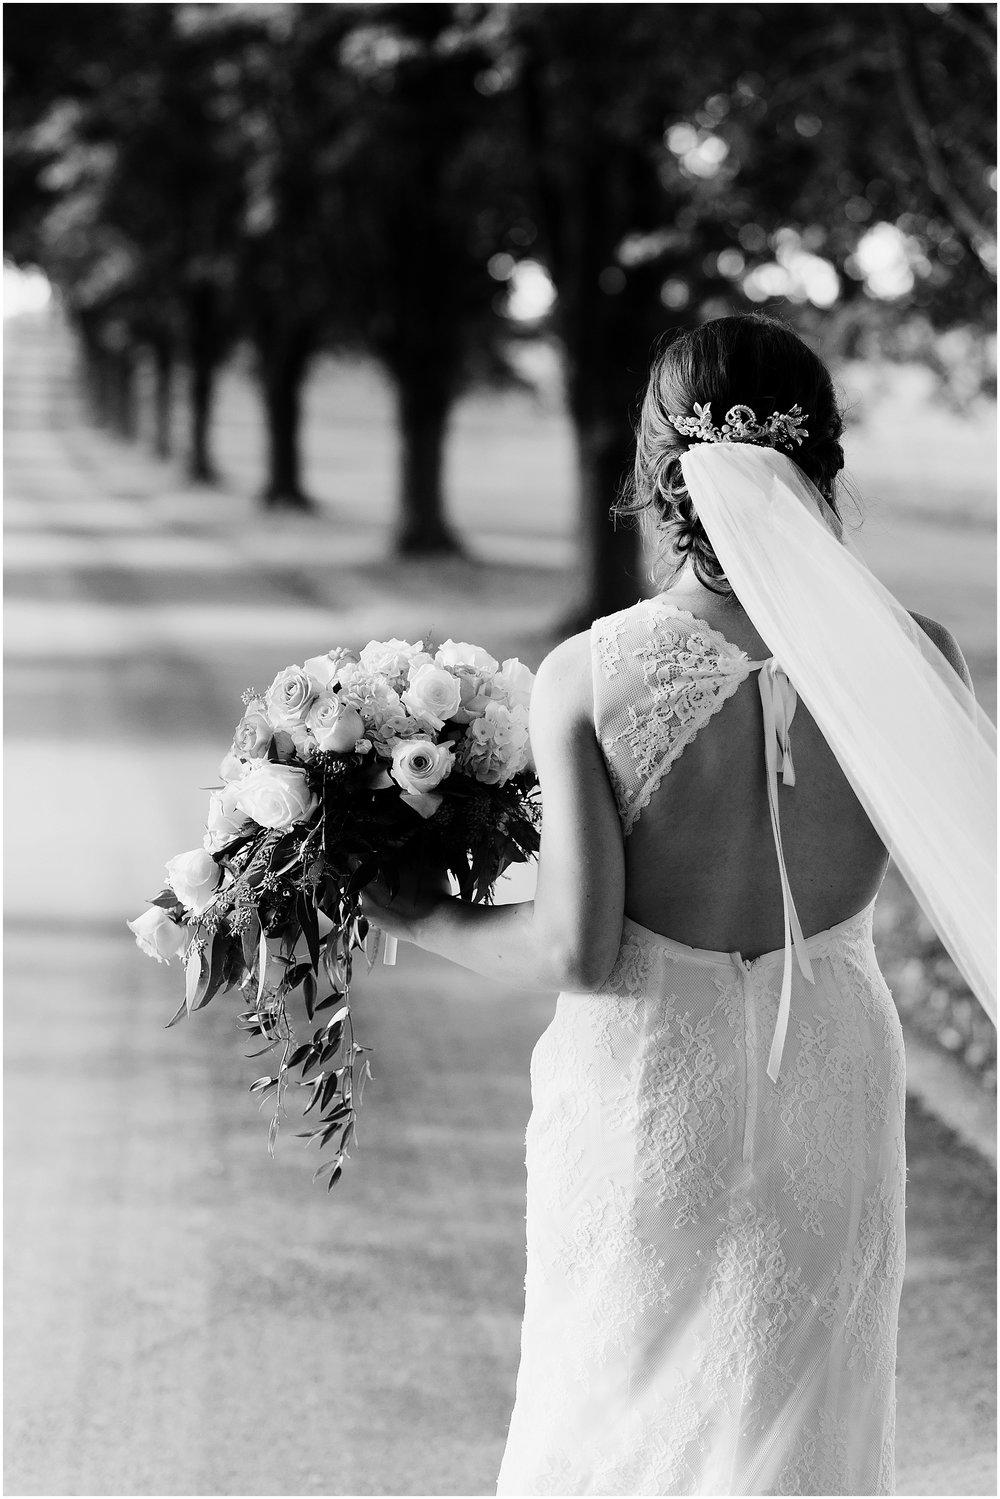 Hannah Leigh Photography The Royer House Wedding_5518.jpg